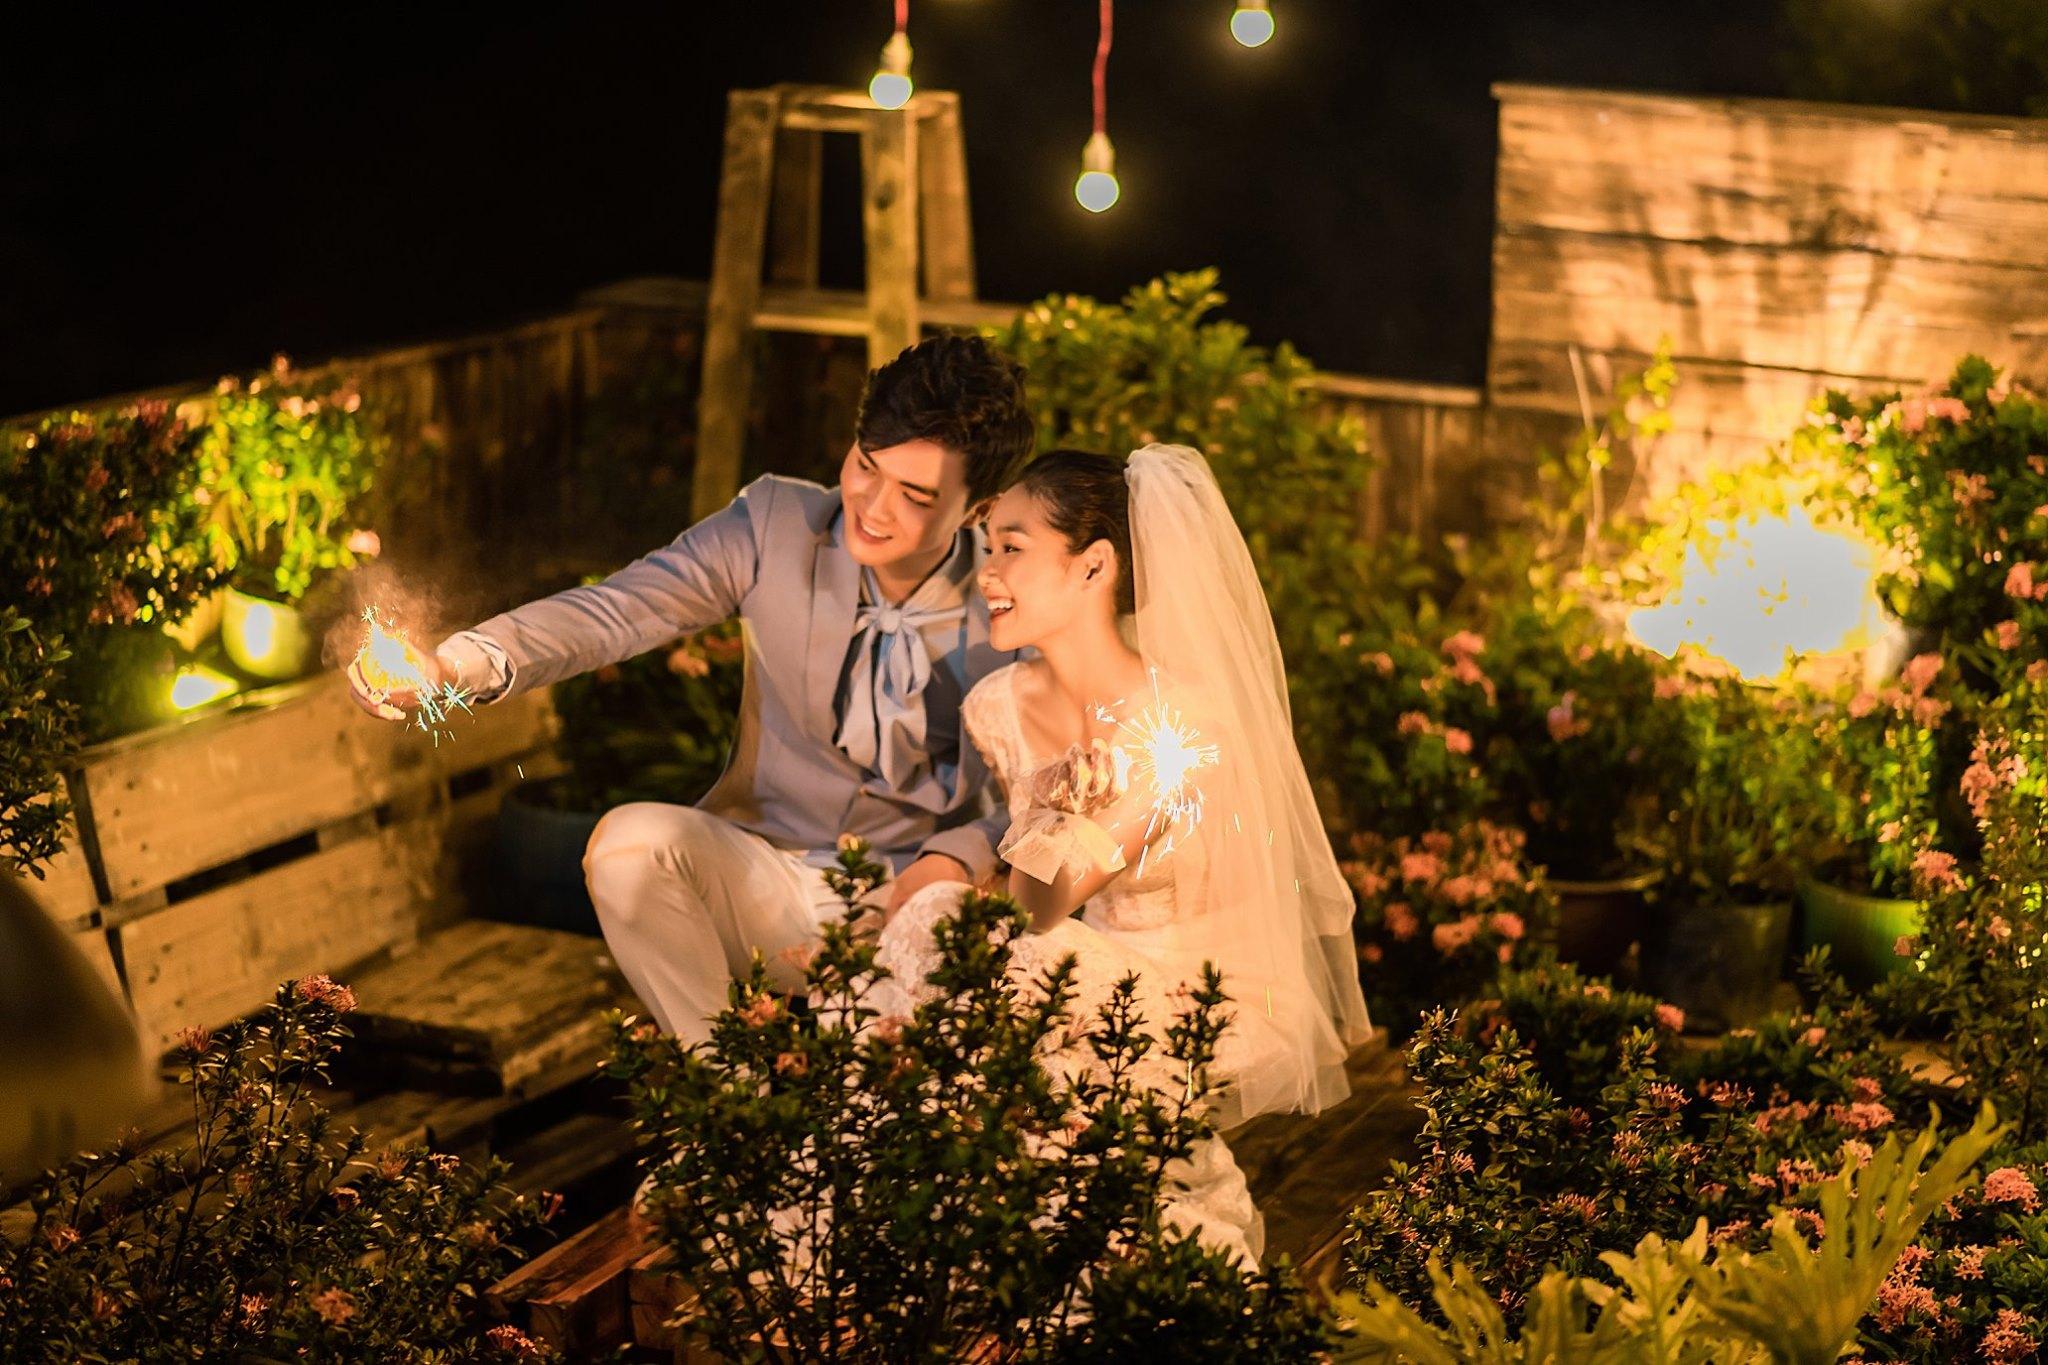 Album ảnh cưới đẹp Hàn Quốc tại phim trường Santorini Hà Nội 29